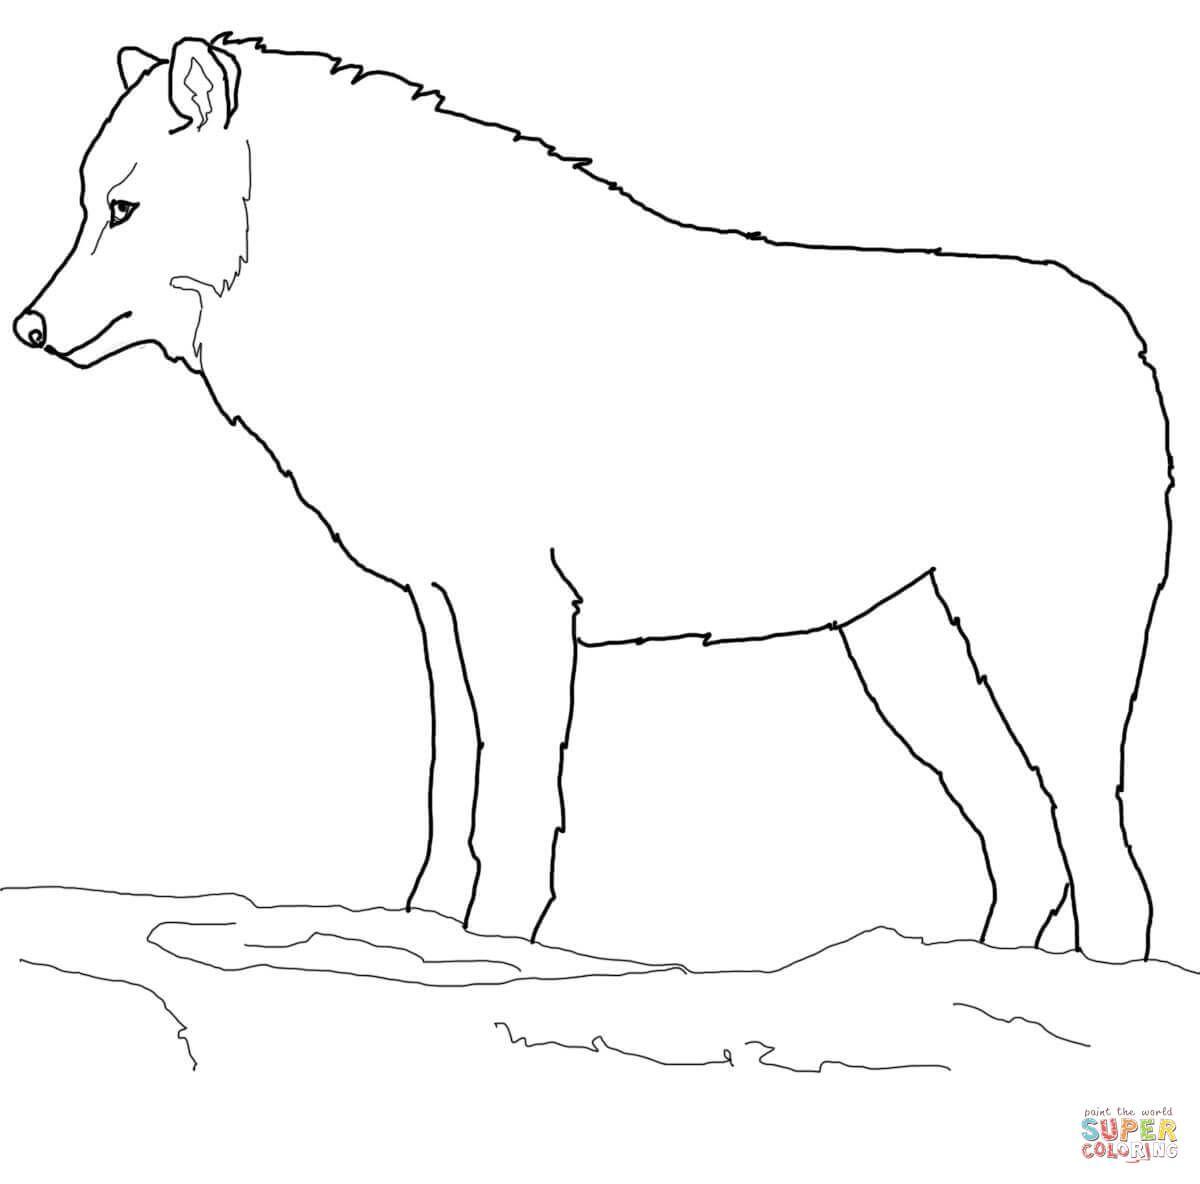 dibujos siluetas de animales | Disegno di Il lupo artico da colorare ...